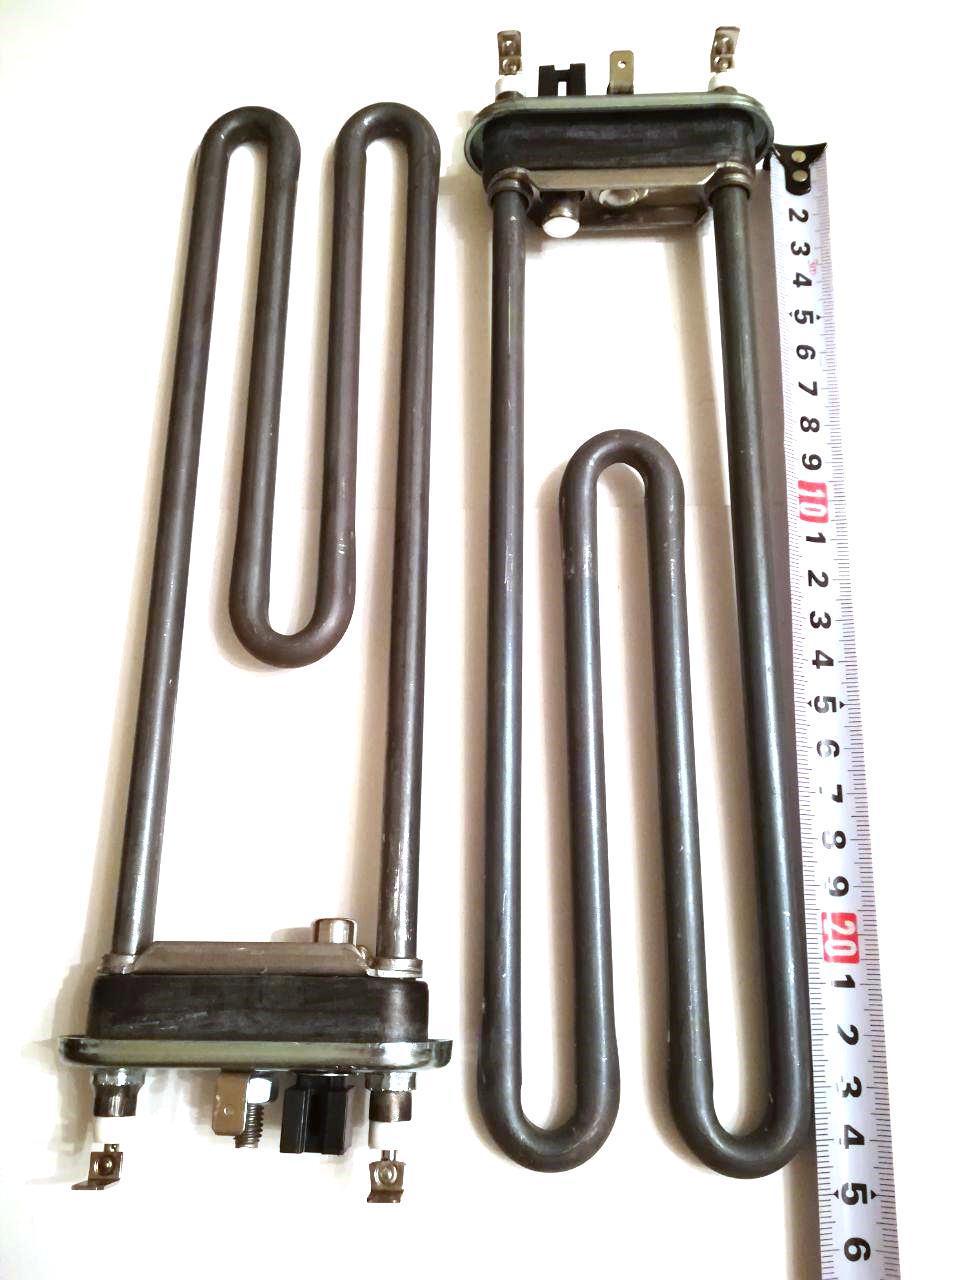 Тэн на стиральную машину 2050W / L=245мм под датчик / Thermowatt (Италия)